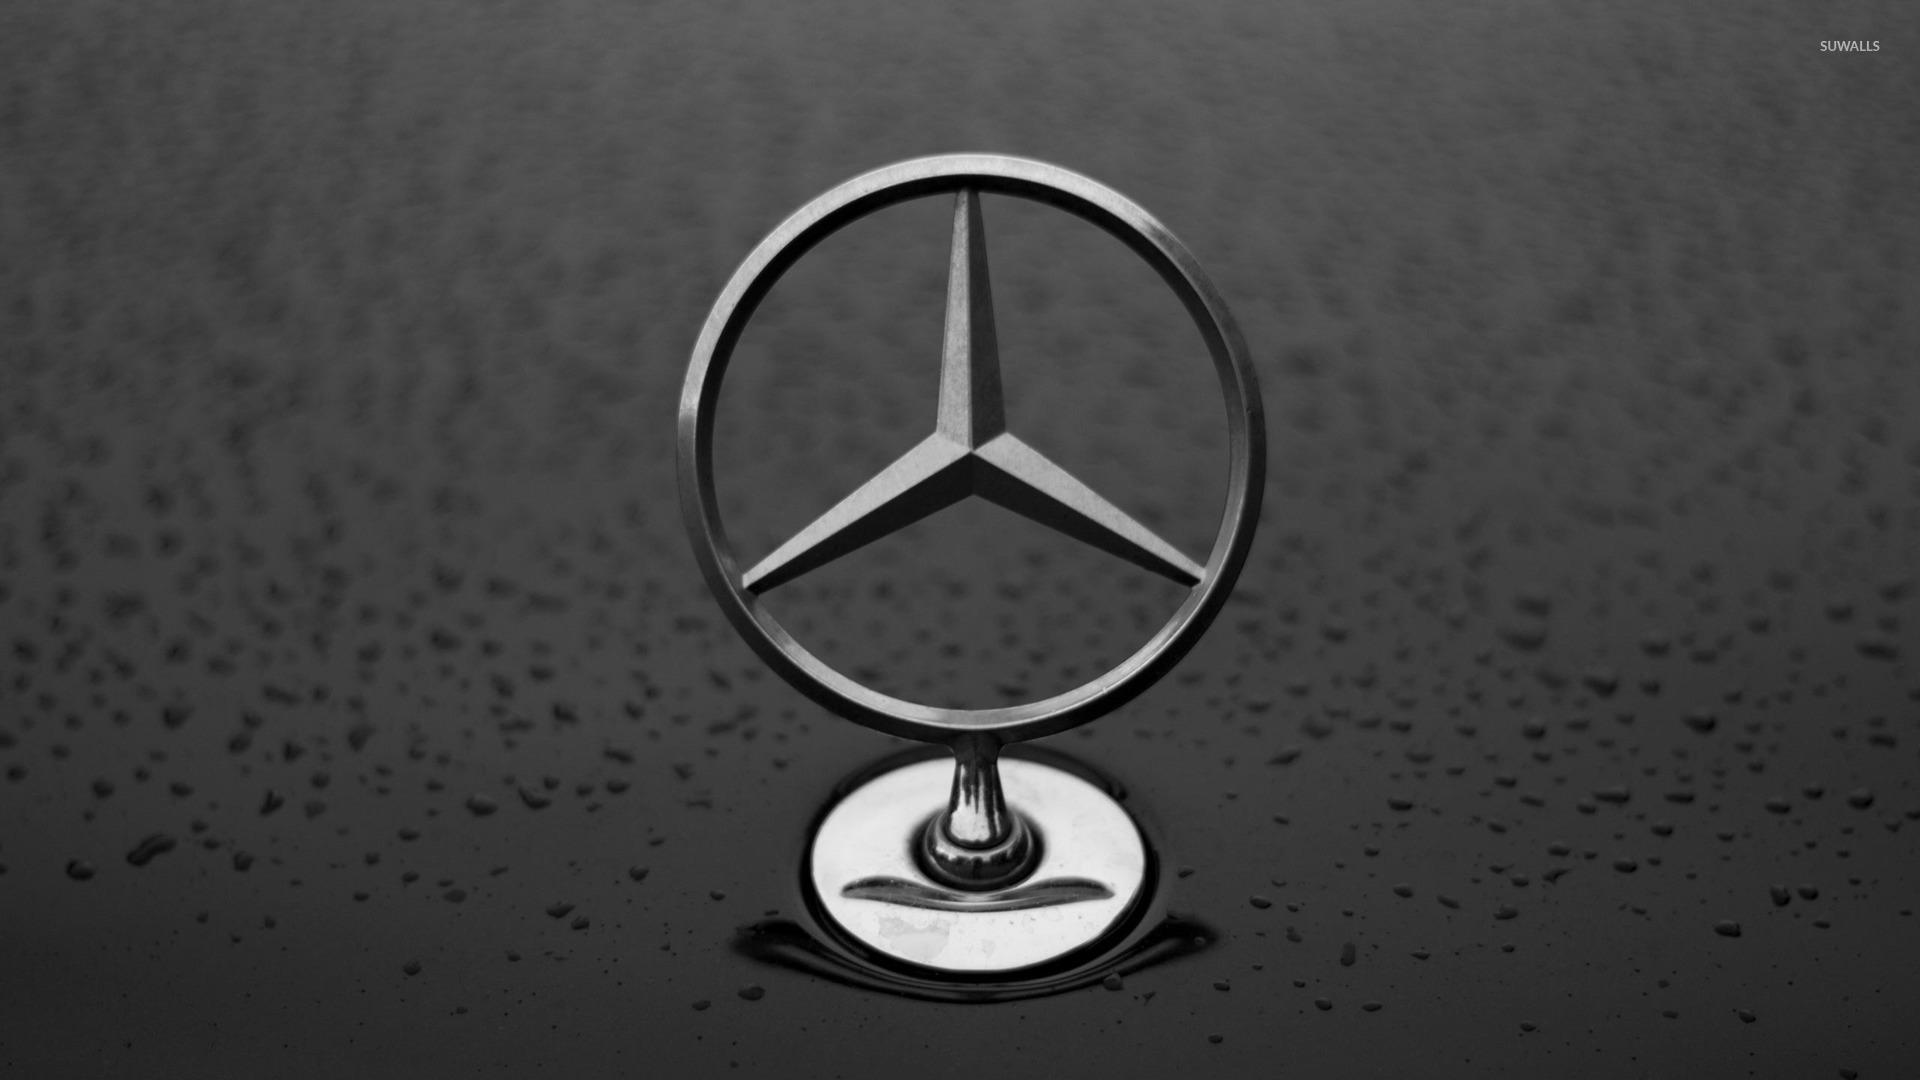 Mercedes benz hood ornament wallpaper car wallpapers for Mercedes benz ornaments